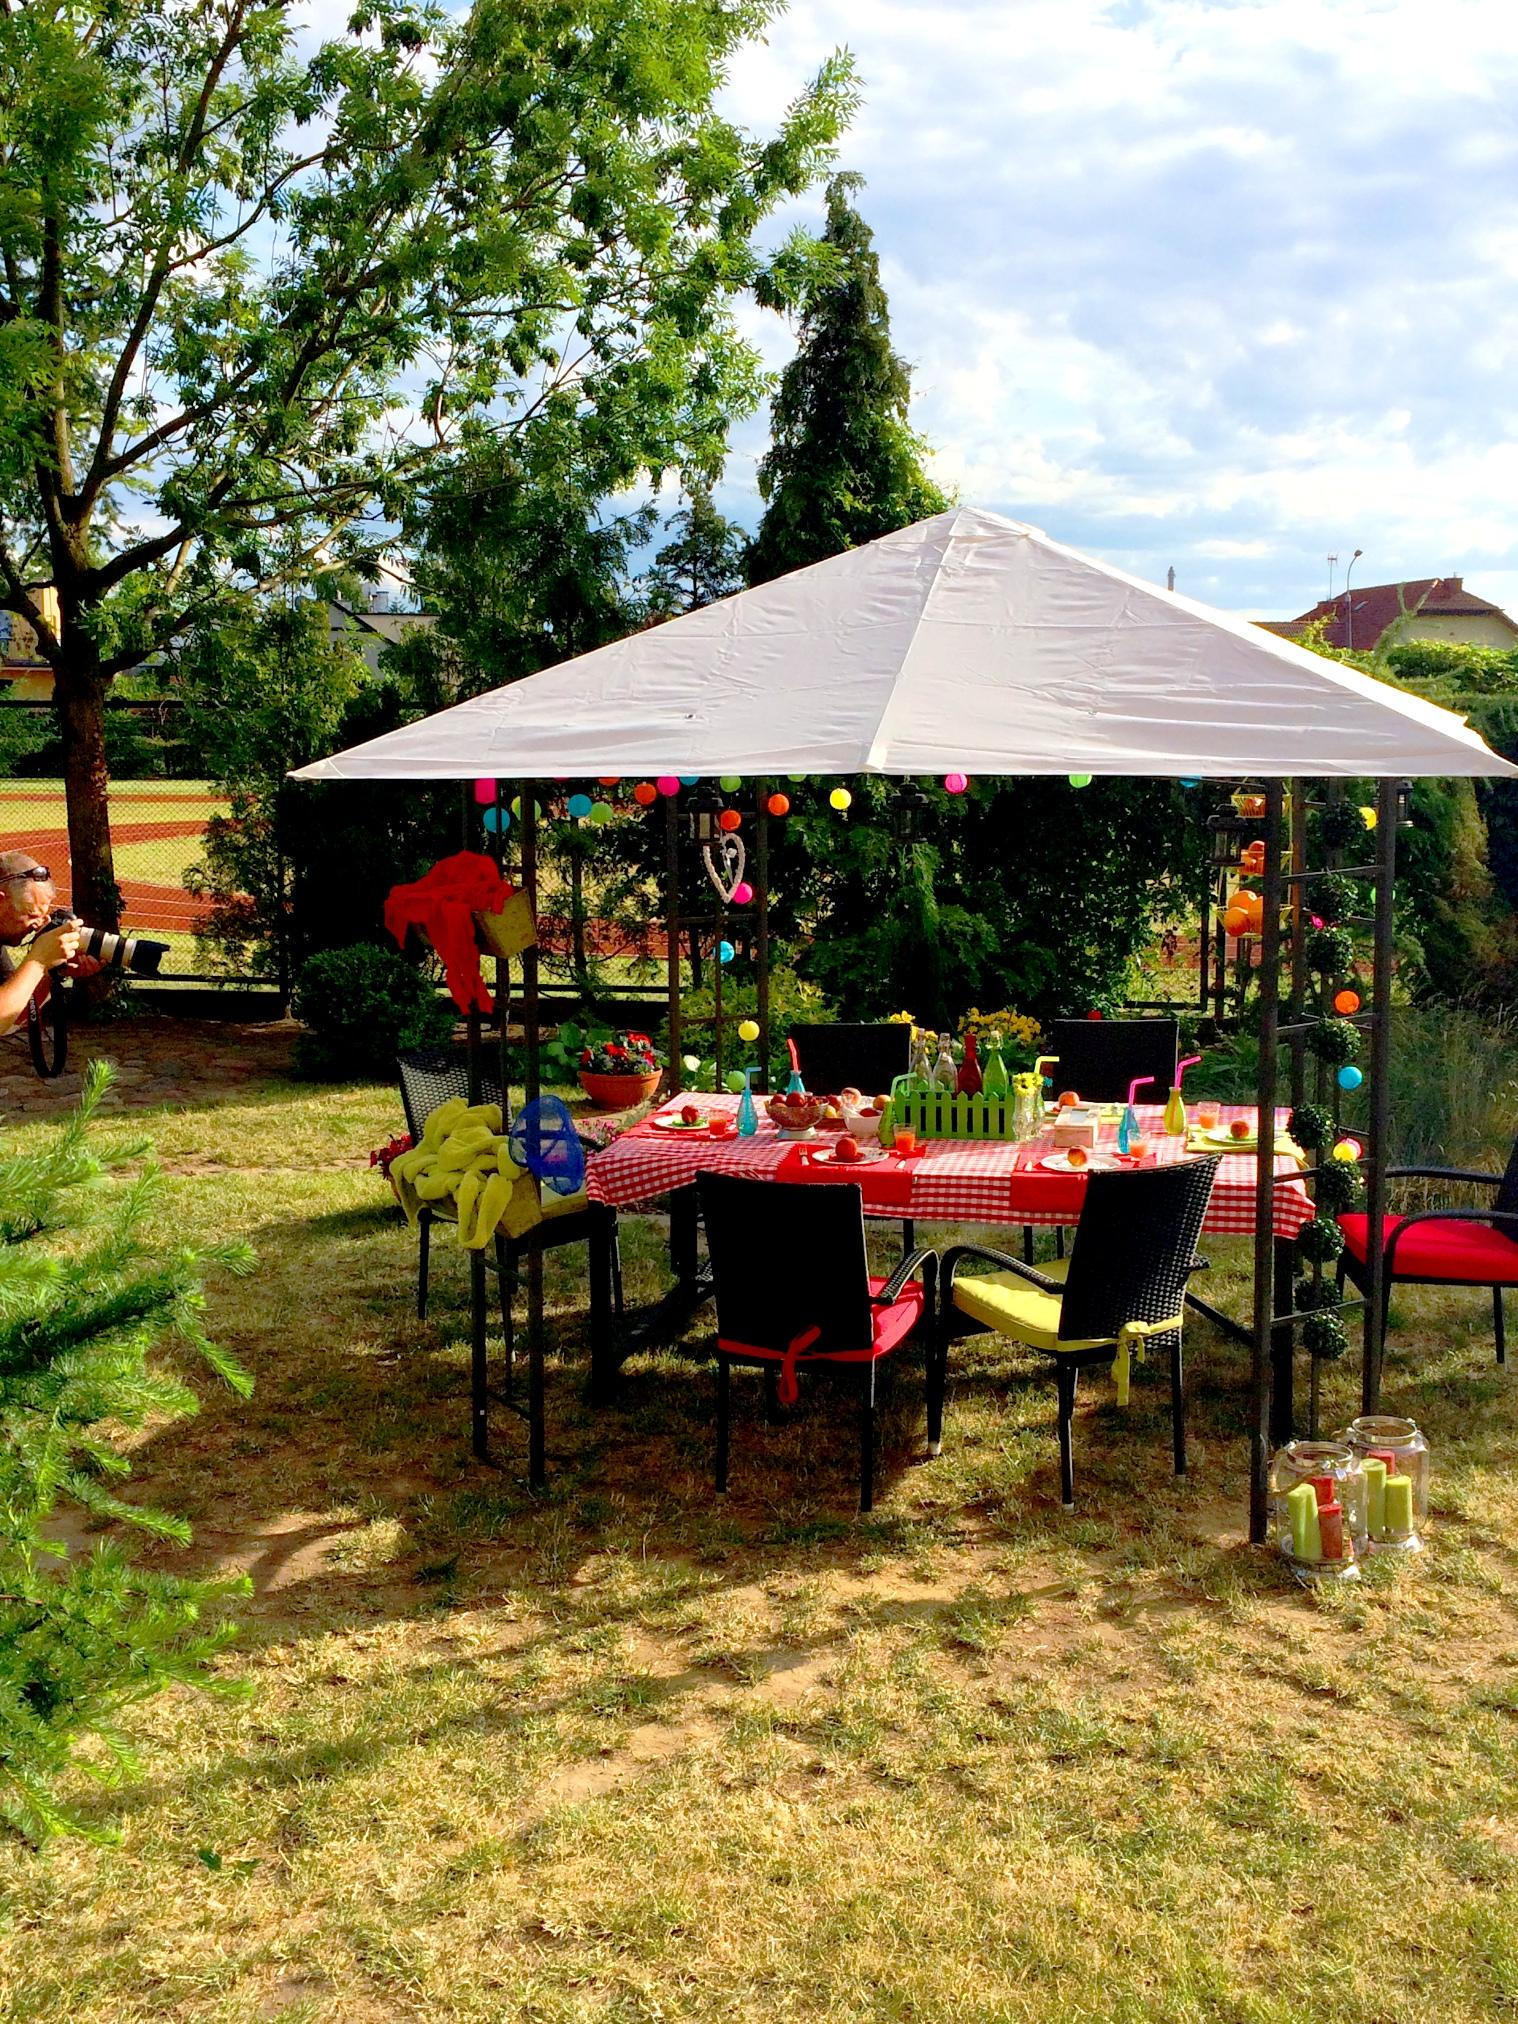 27 jysk metamorfozy projektowanie dekorowanie ogrodu garden party decorating ideas landscape design forelementspl jysk15lat jyskmetamorfozy